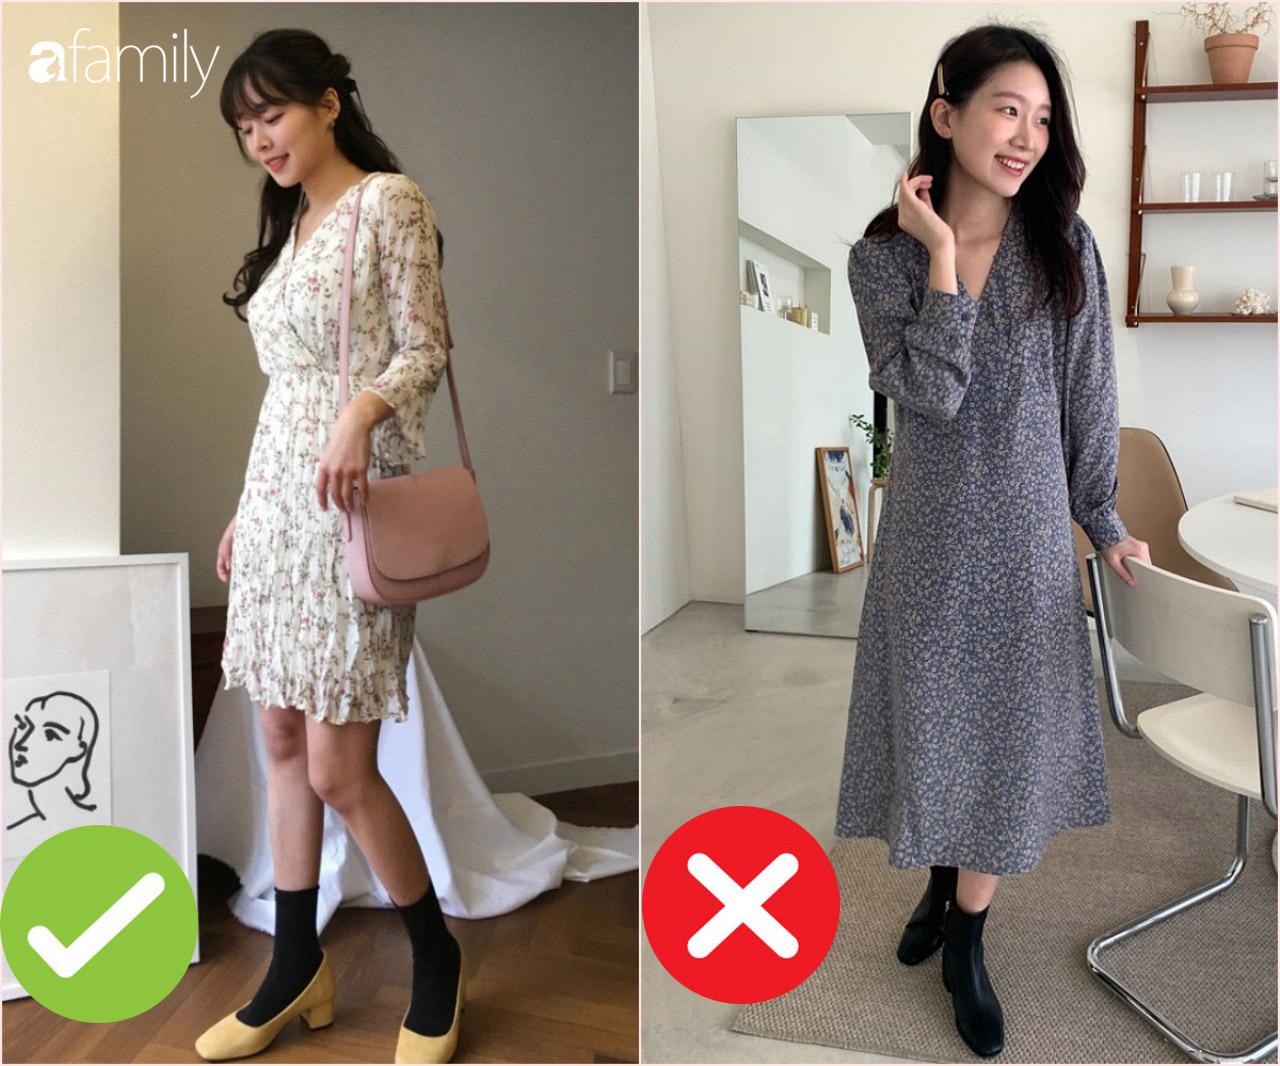 Tiết kiệm tiền khi mua váy hoa: 4 tips lên đồ giúp bạn đẹp tưng bừng mà không hề sến súa với item hot hit này - Ảnh 2.